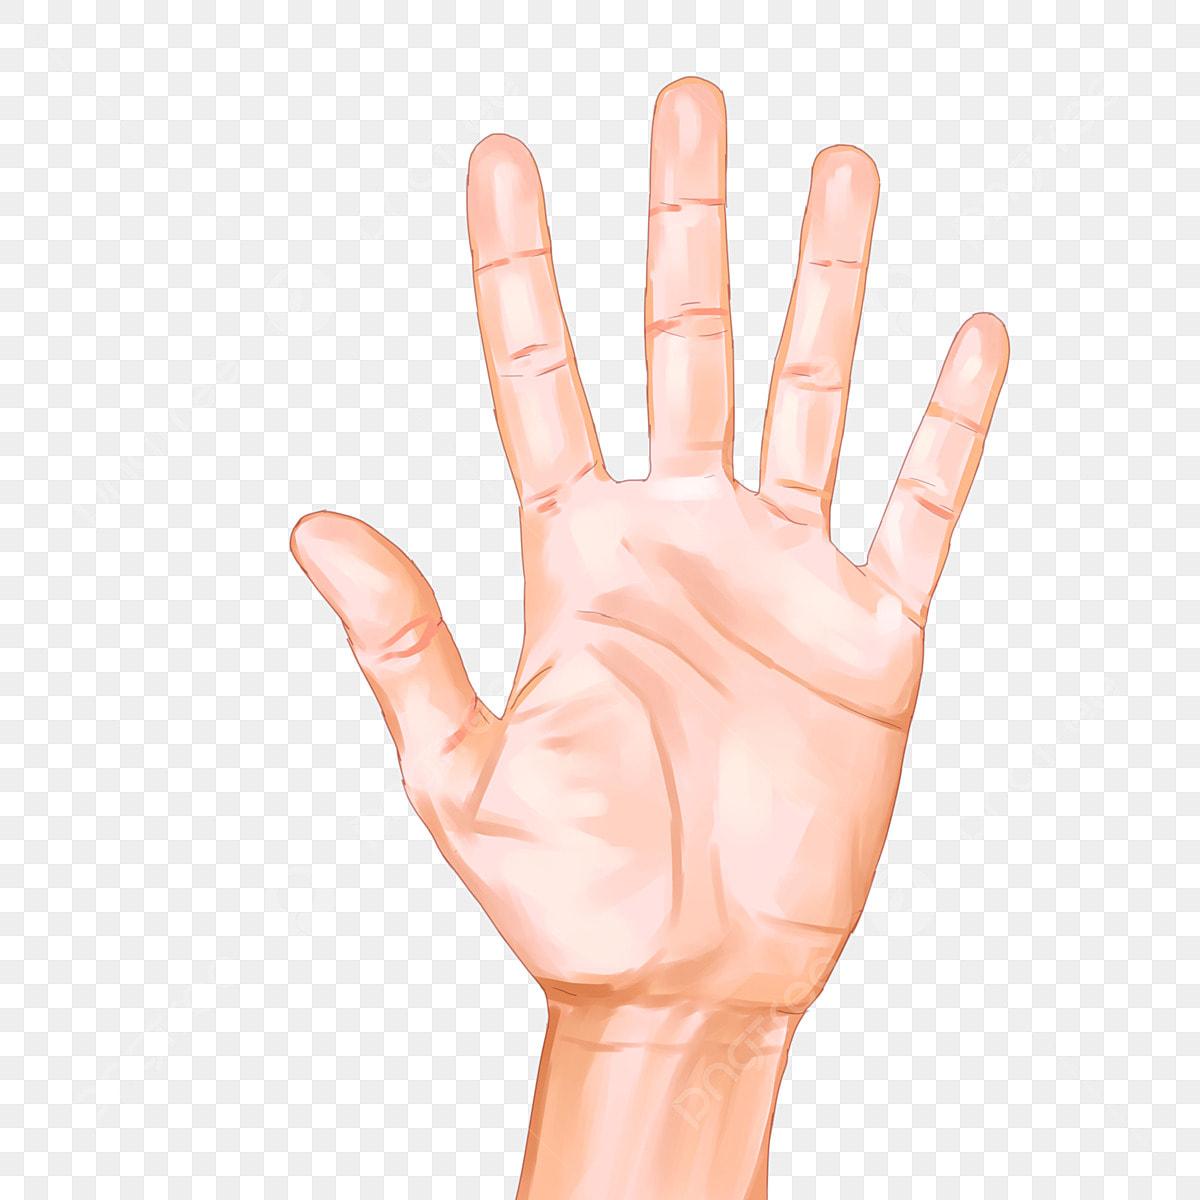 رسم كاريكتوري، تصوير الأصابع، الجلد الأصفر، إبنة، خصوم ...